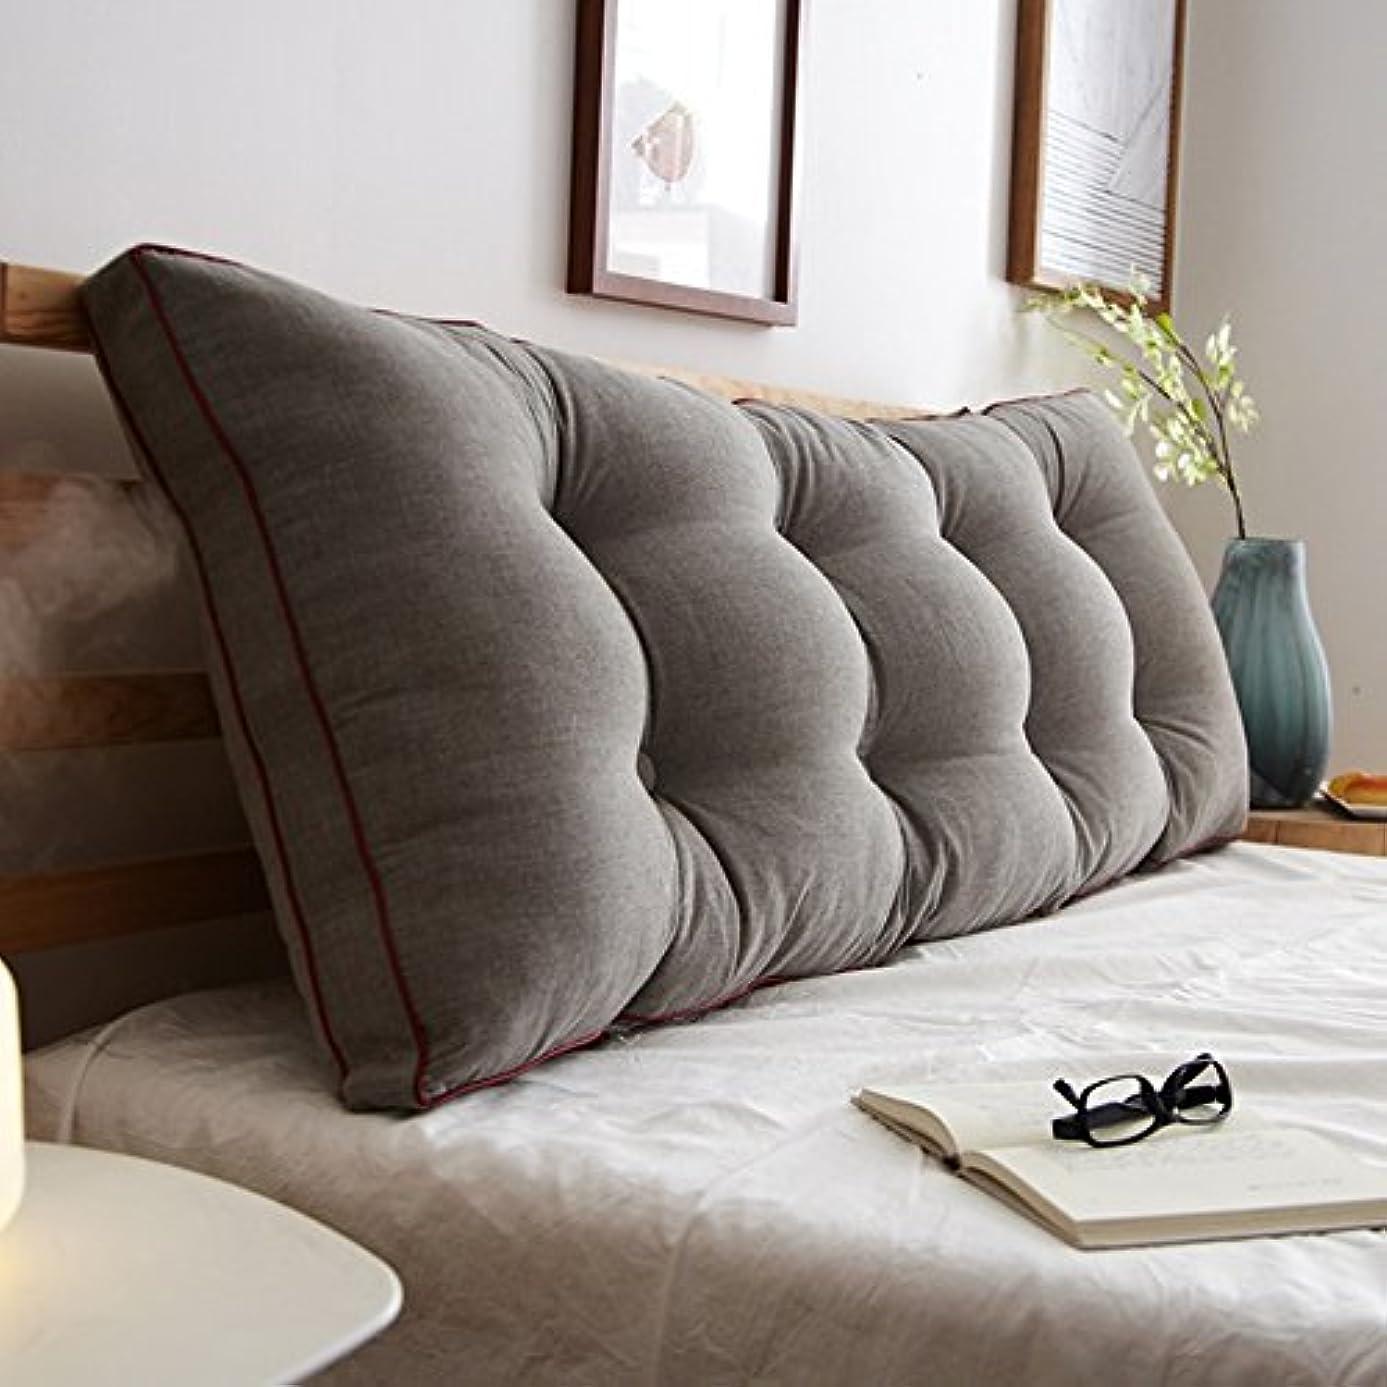 チャペル否定する遠いソファークッション、ベッド読みとり枕カバー綿の大きな背もたれの大きいクッションの柔らかい袋、取り外し可能なクリーニング (色 : 2#, サイズ さいず : 120x20x50cm)